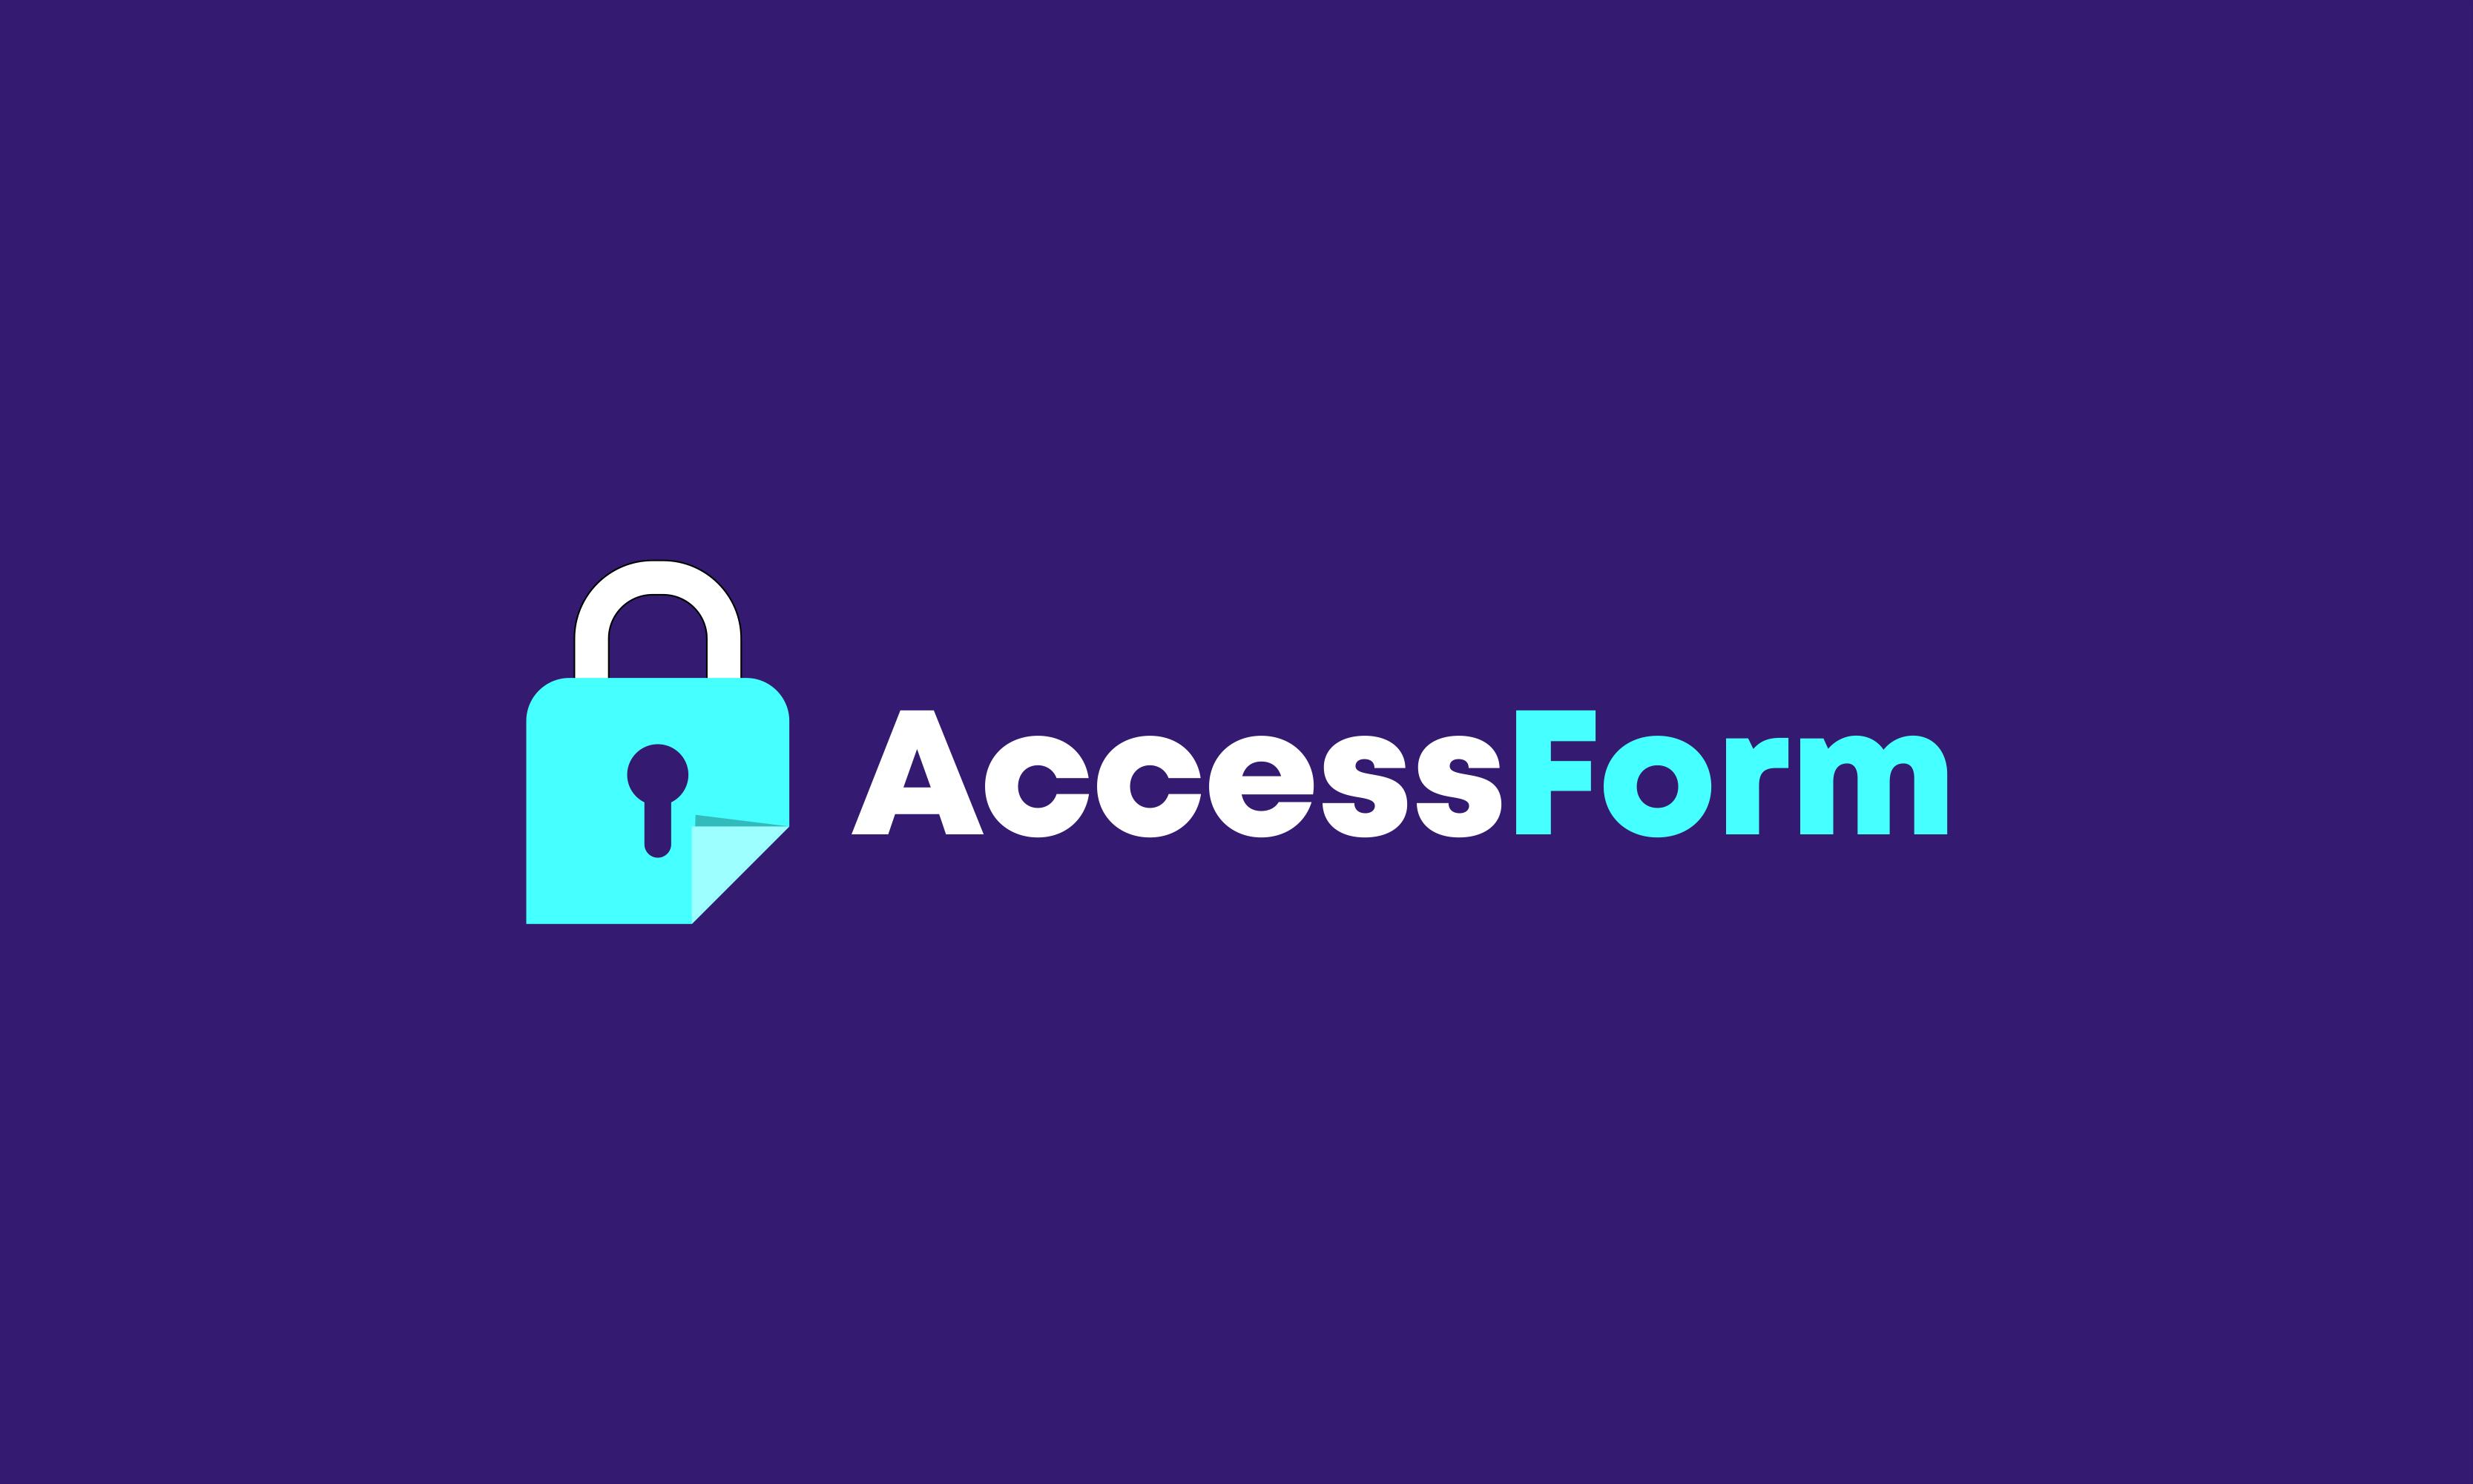 Accessform